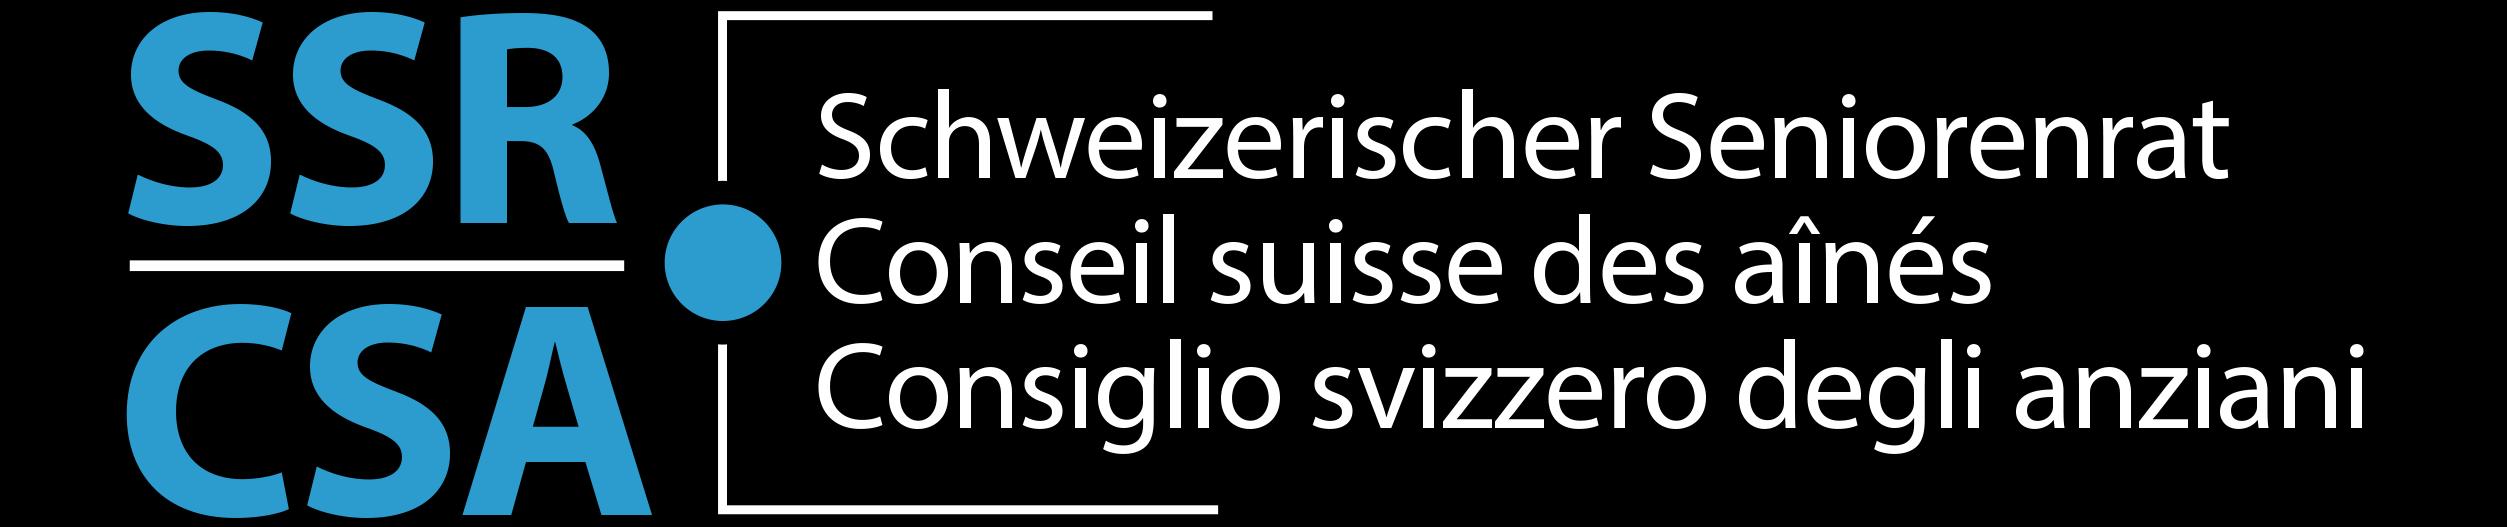 Schweizerischer Seniorenrat (SSR)